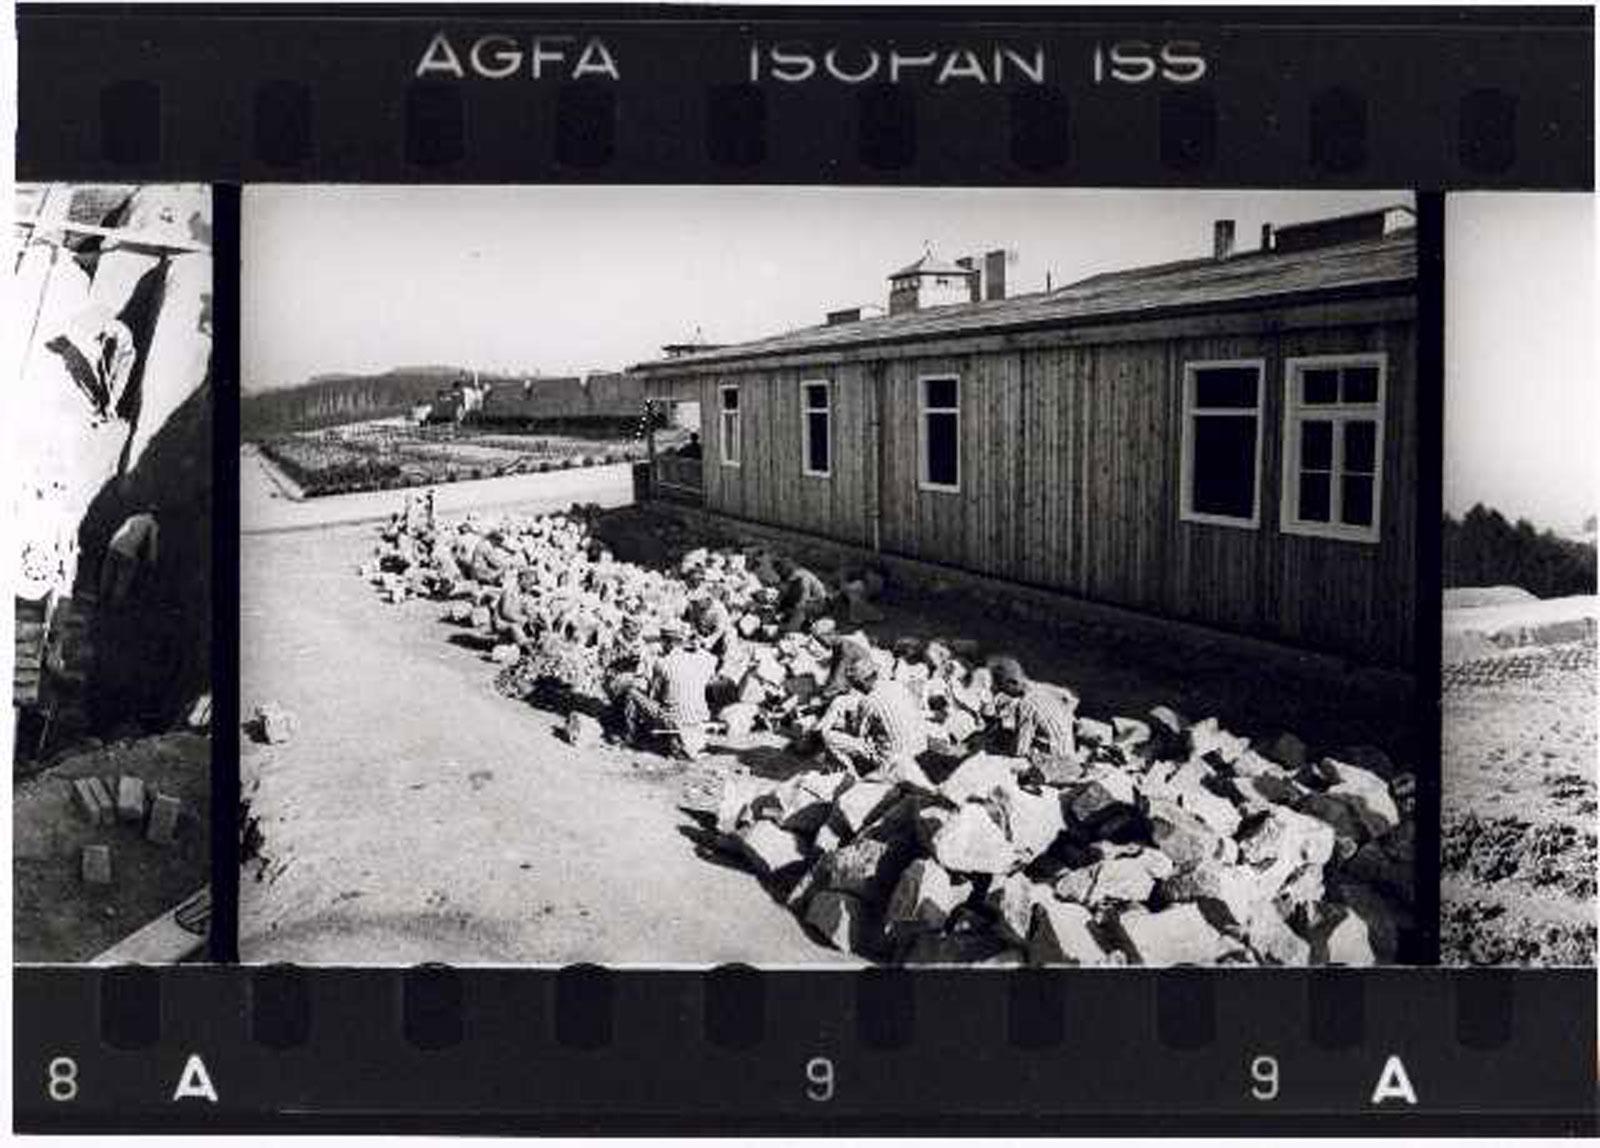 mauthausen-la-part-visible-des-camps-detenus